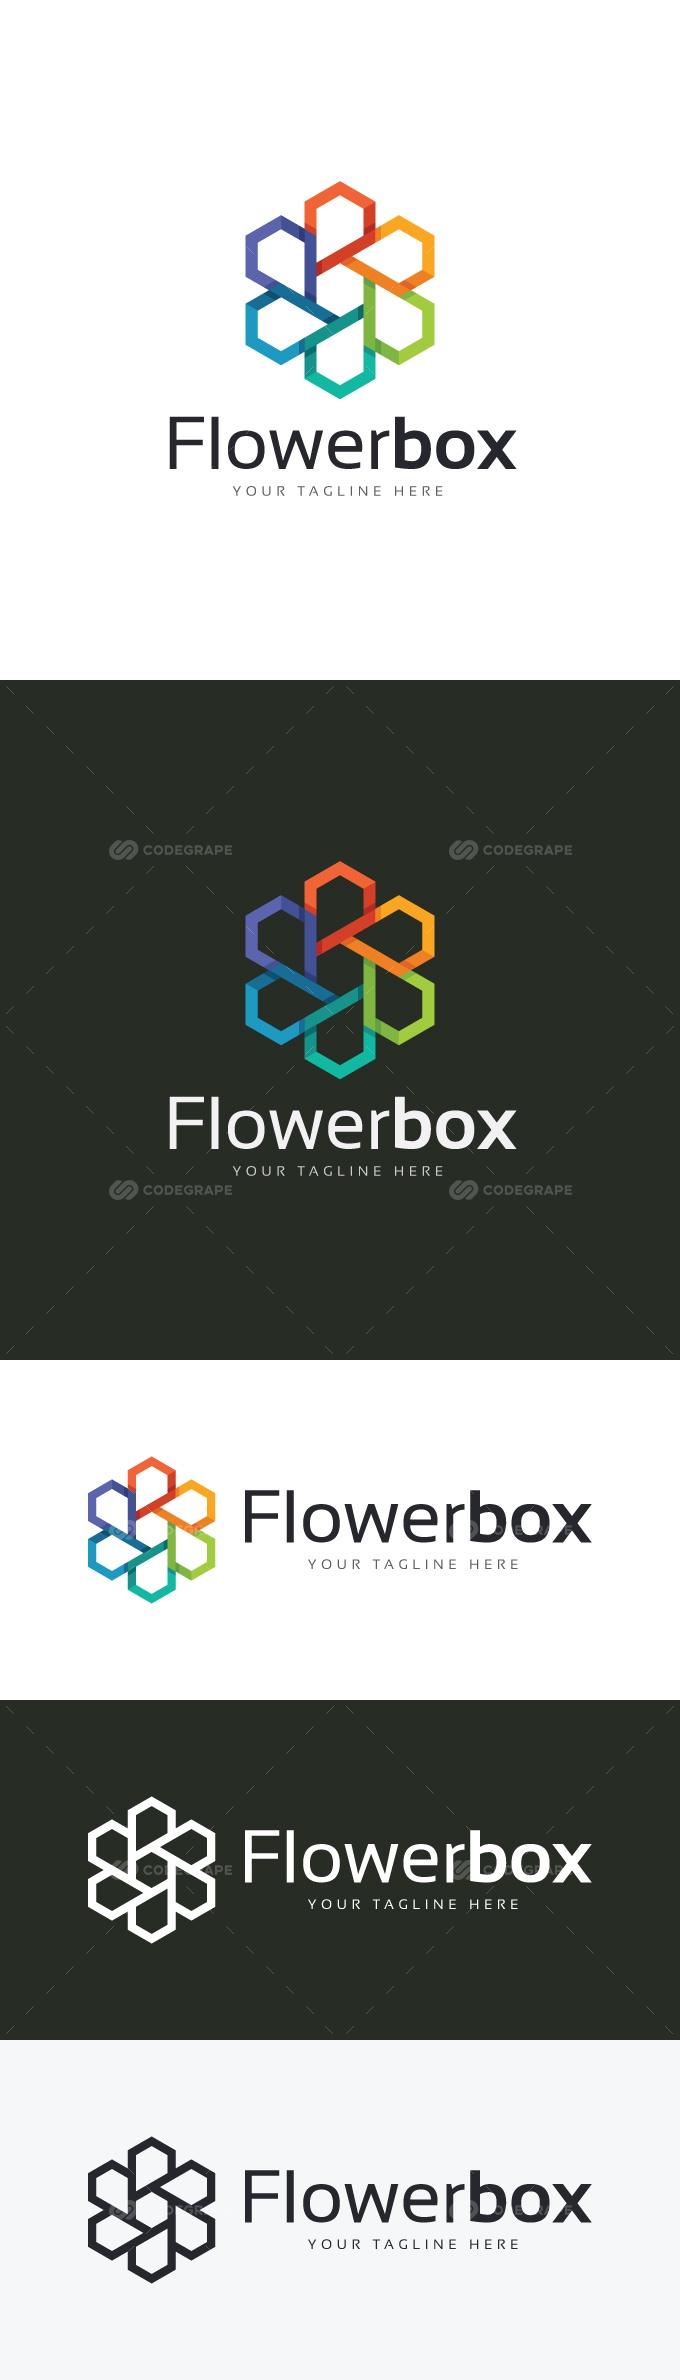 Flower Box Logo